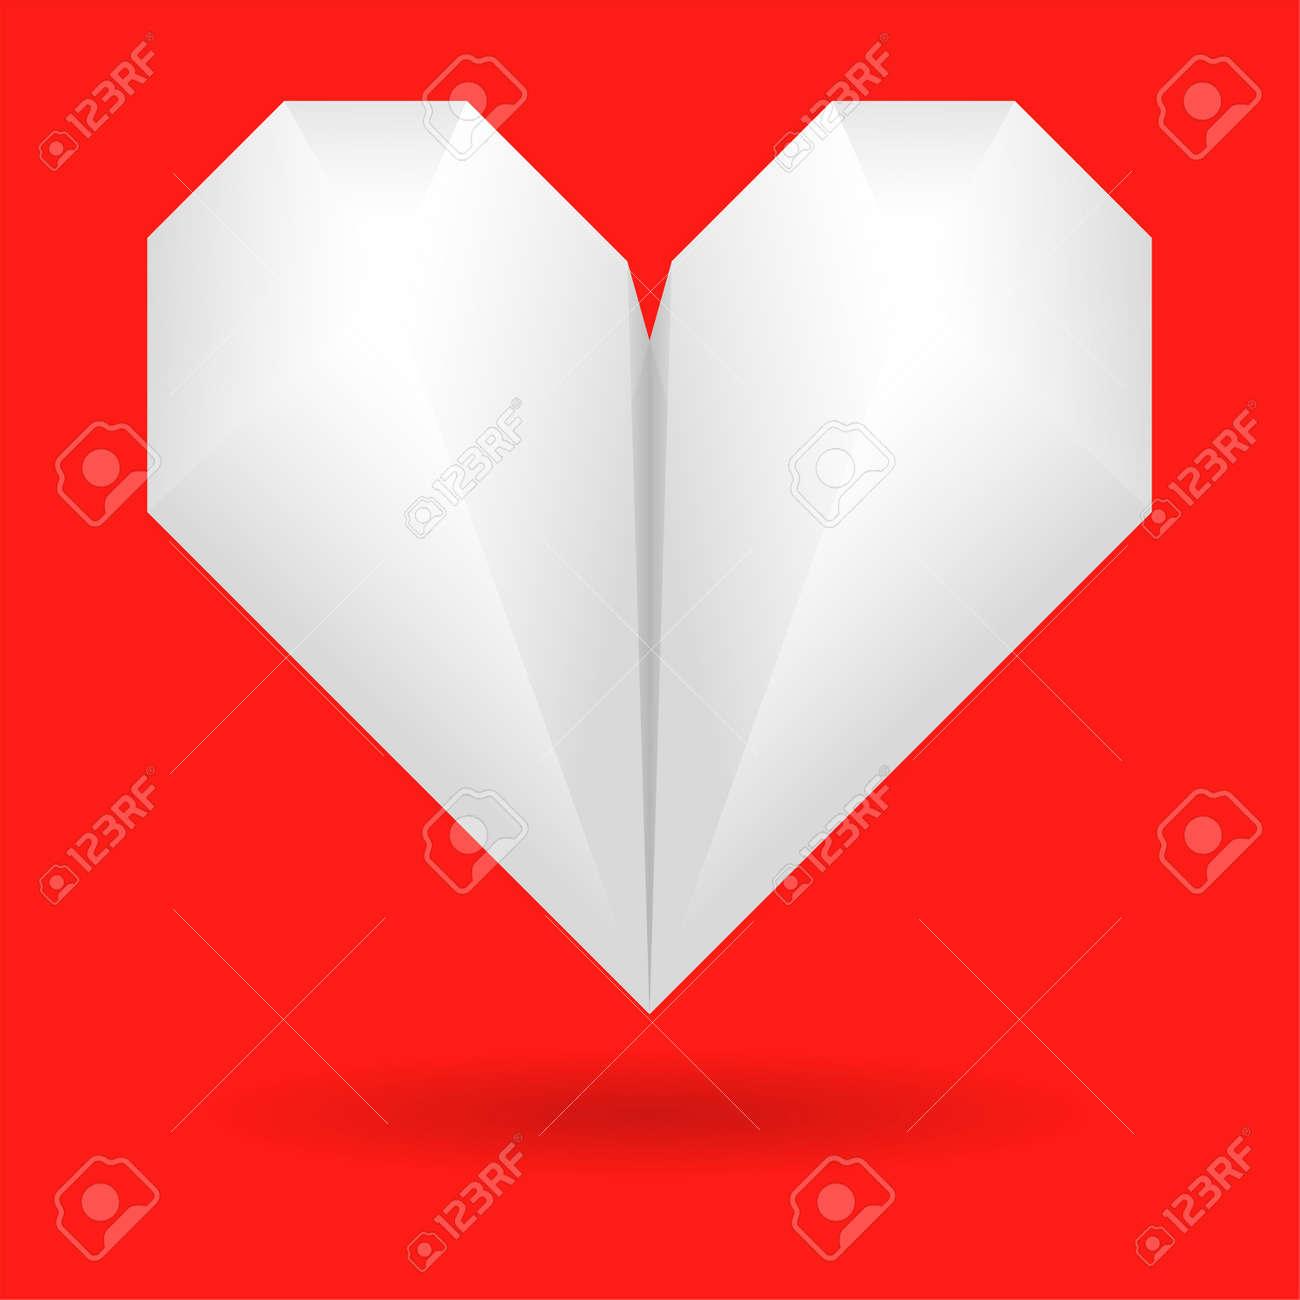 Tarjetas De San Valentin Con El Papel Del Origami Corazon Elementos - Origami-corazn